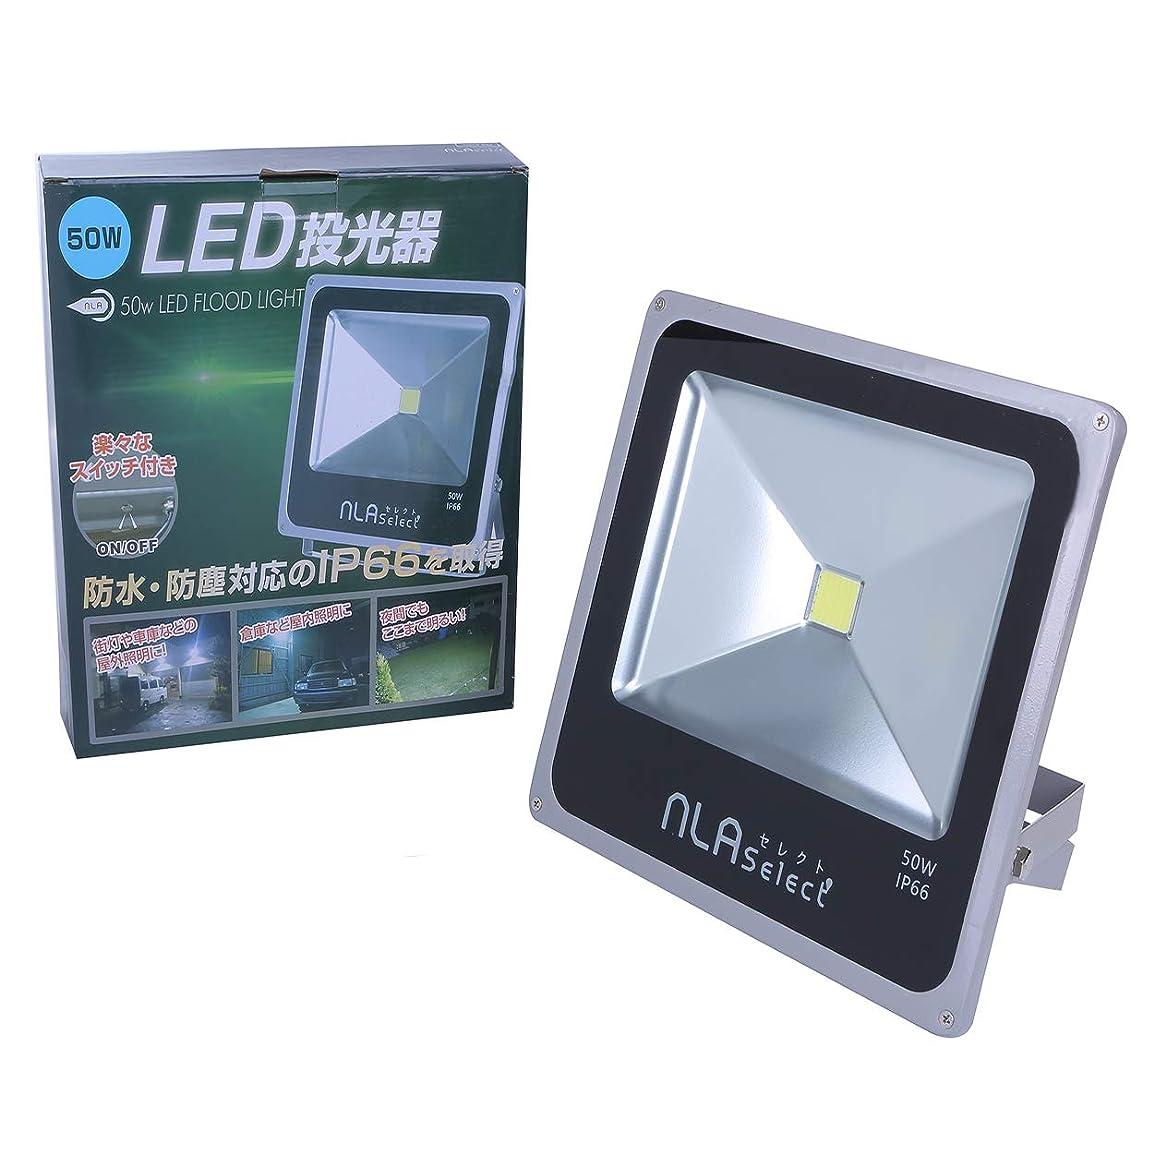 刃寄生虫なめるLED 投光器 50w ワークライト/作業灯 スイッチ付 屋外照明 防水仕様【NLAセレクト】